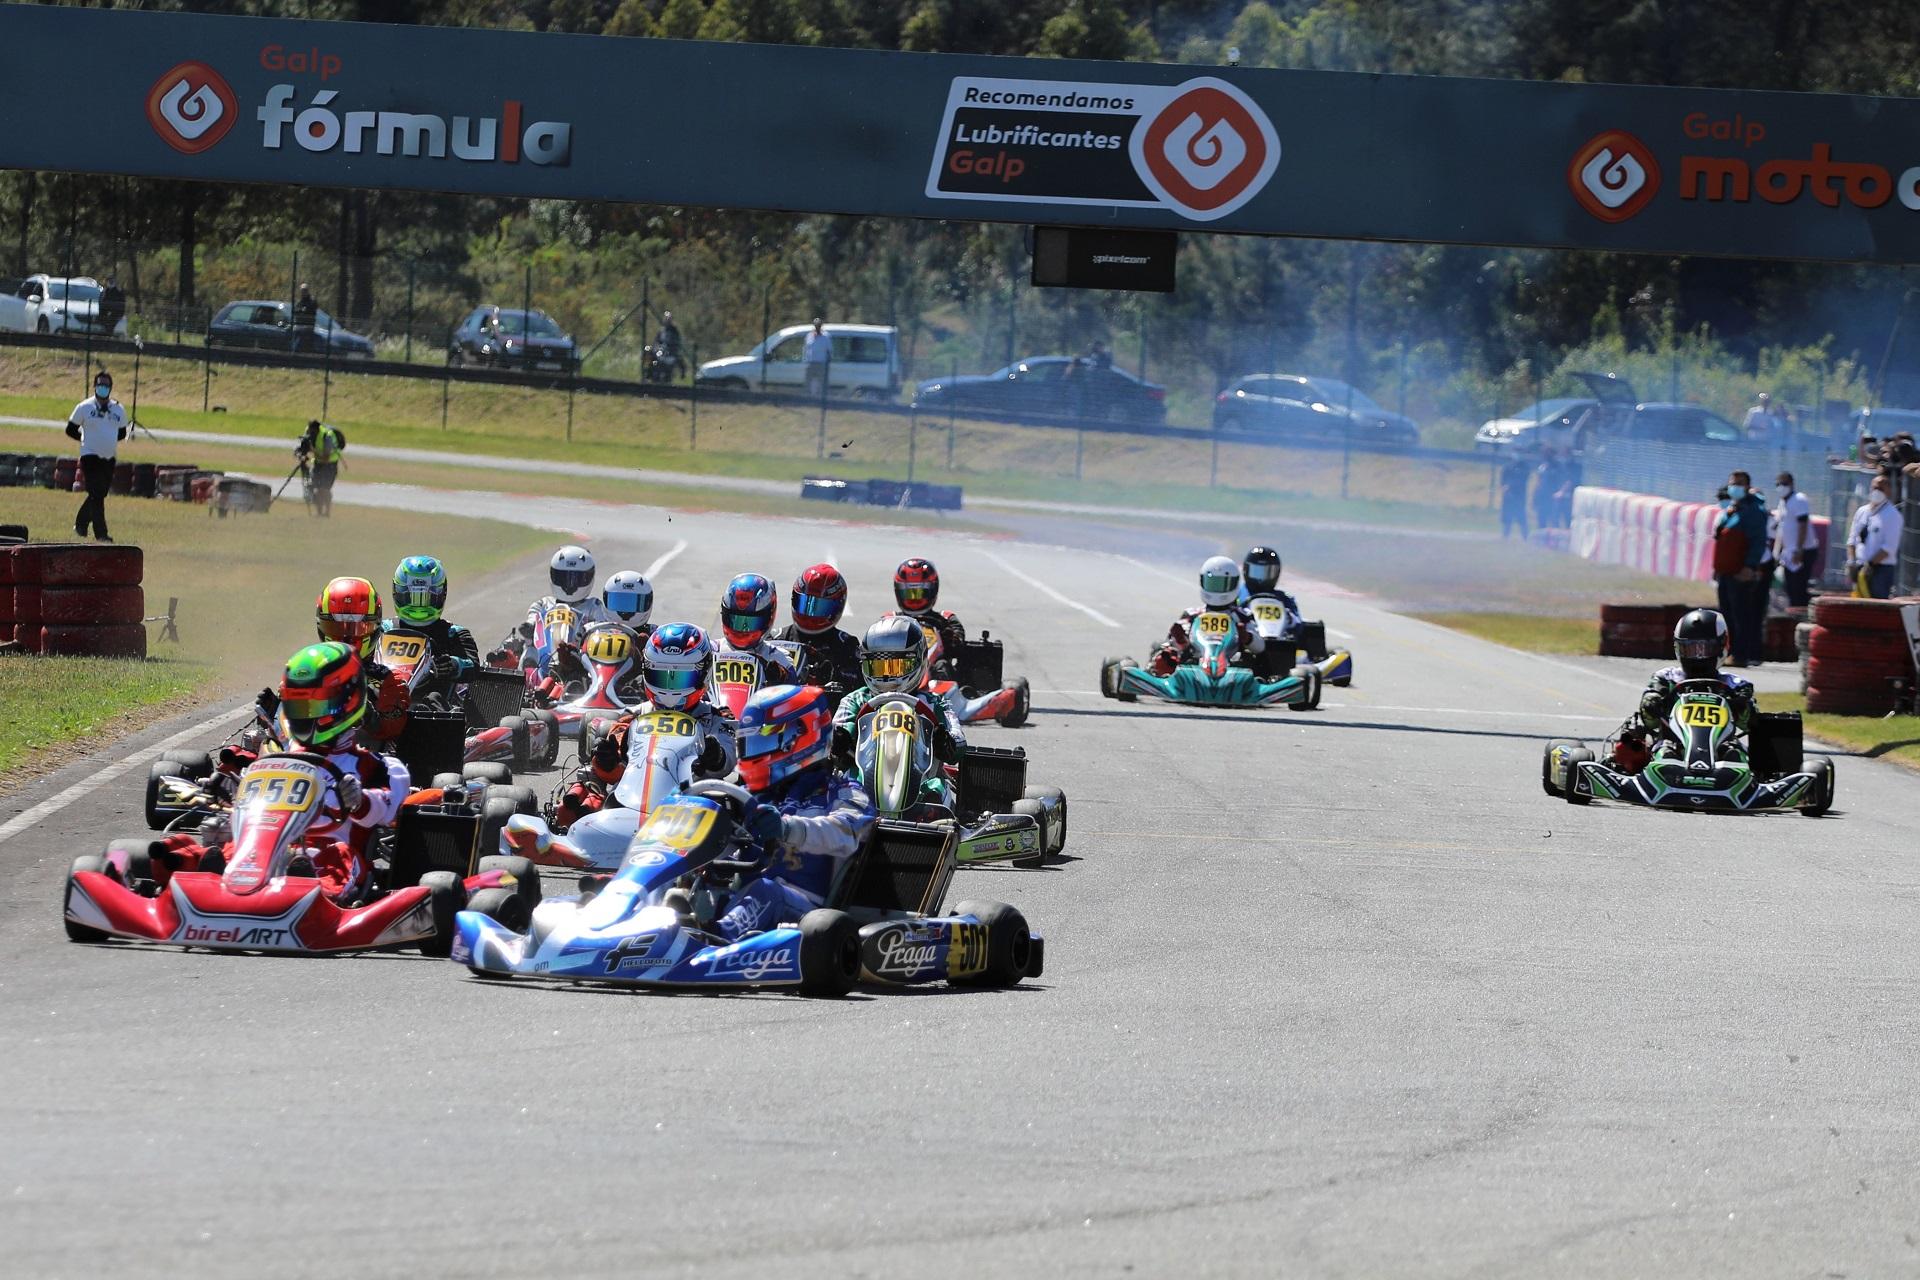 Borges, Marreiros e Portela triunfam na X30 Super Shifter em Viana do Castelo